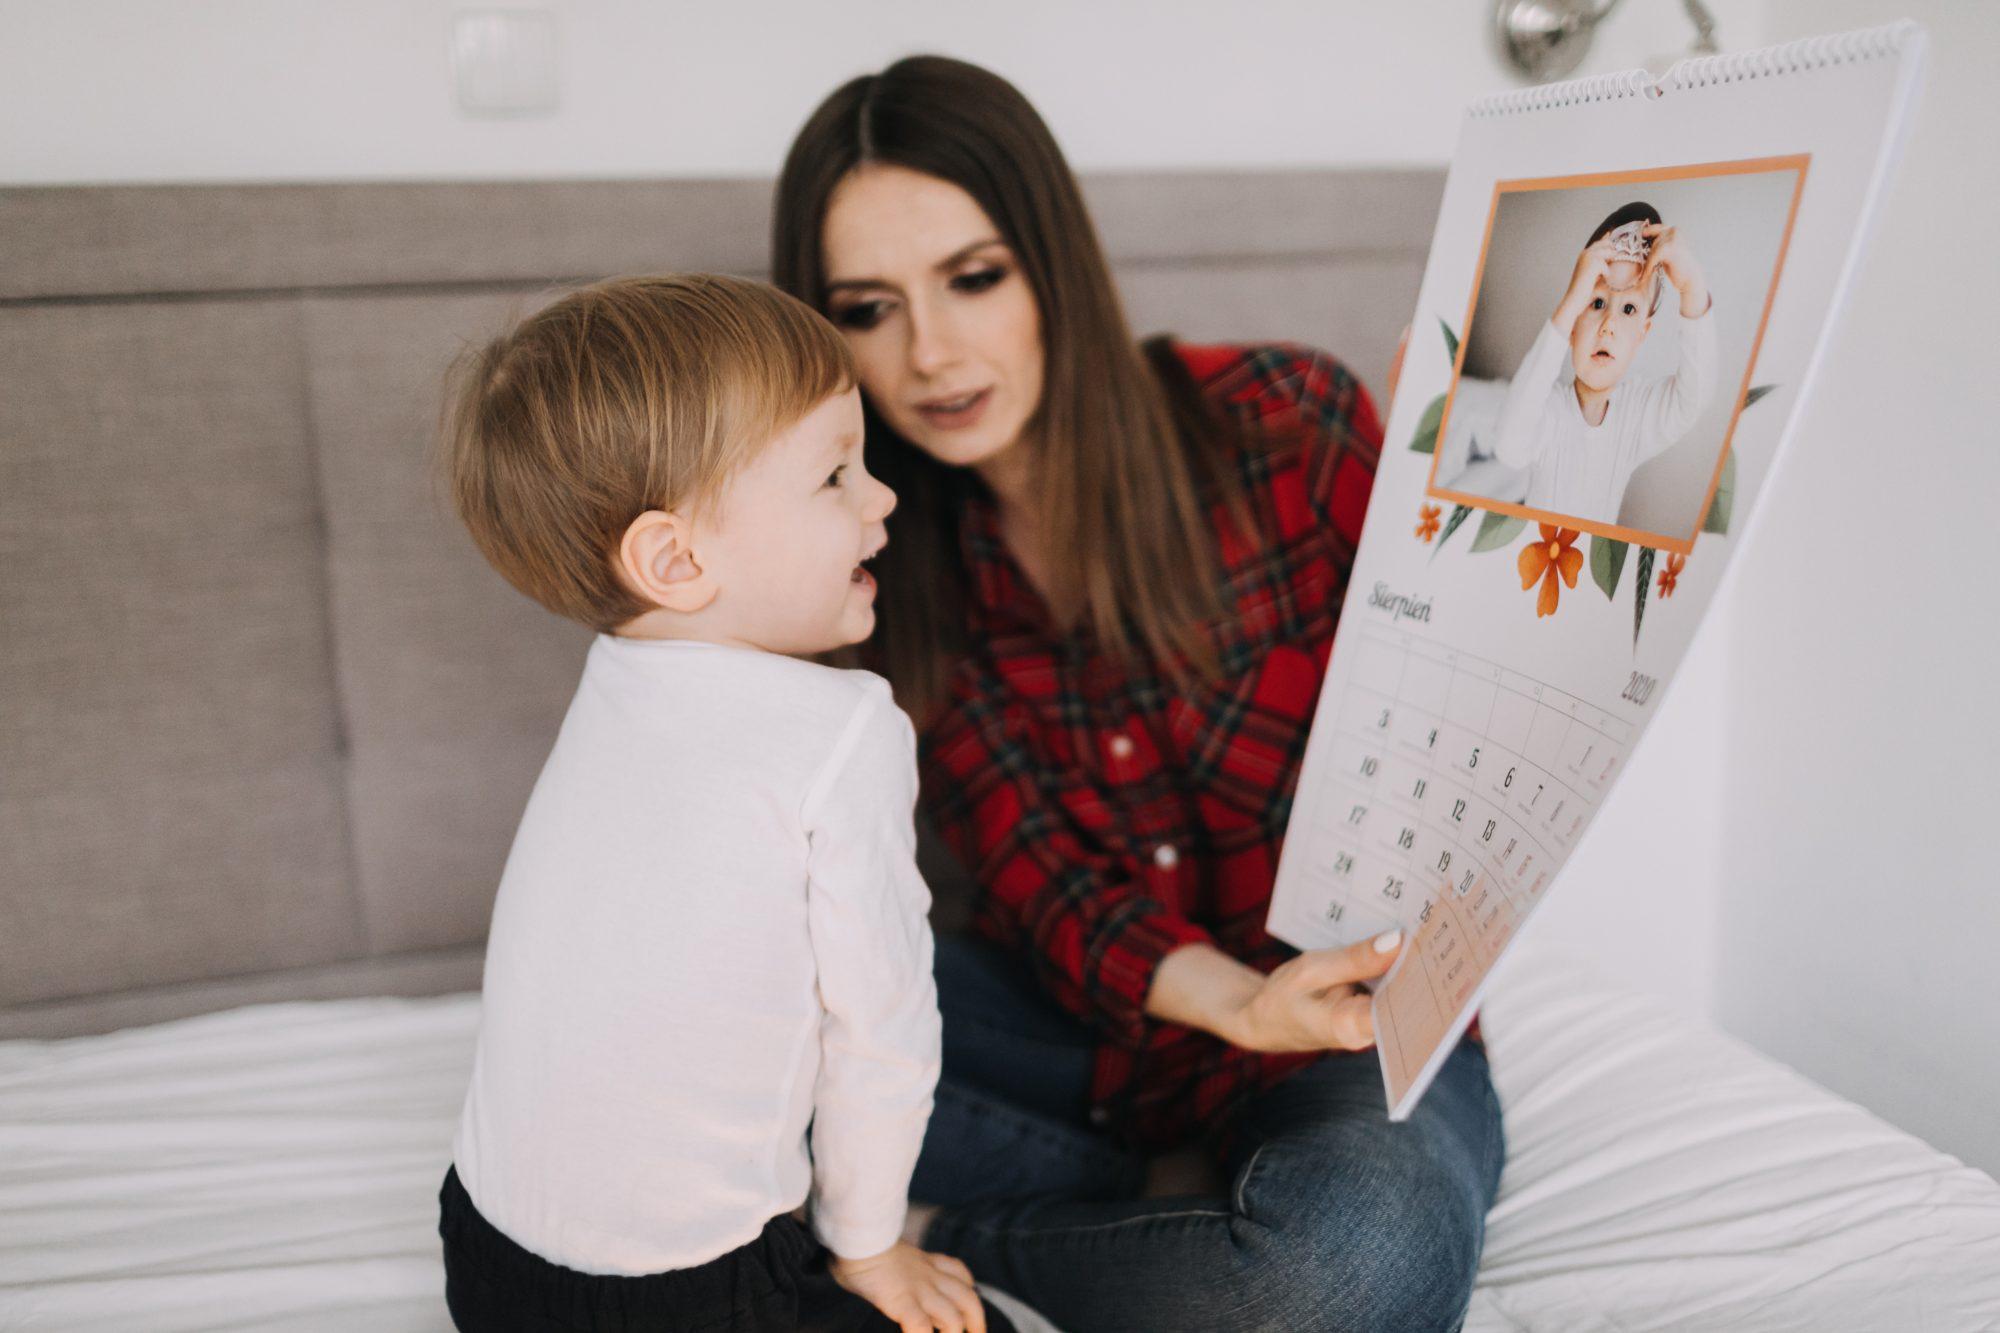 dziecięce zdjęcie w fotokalendarzu